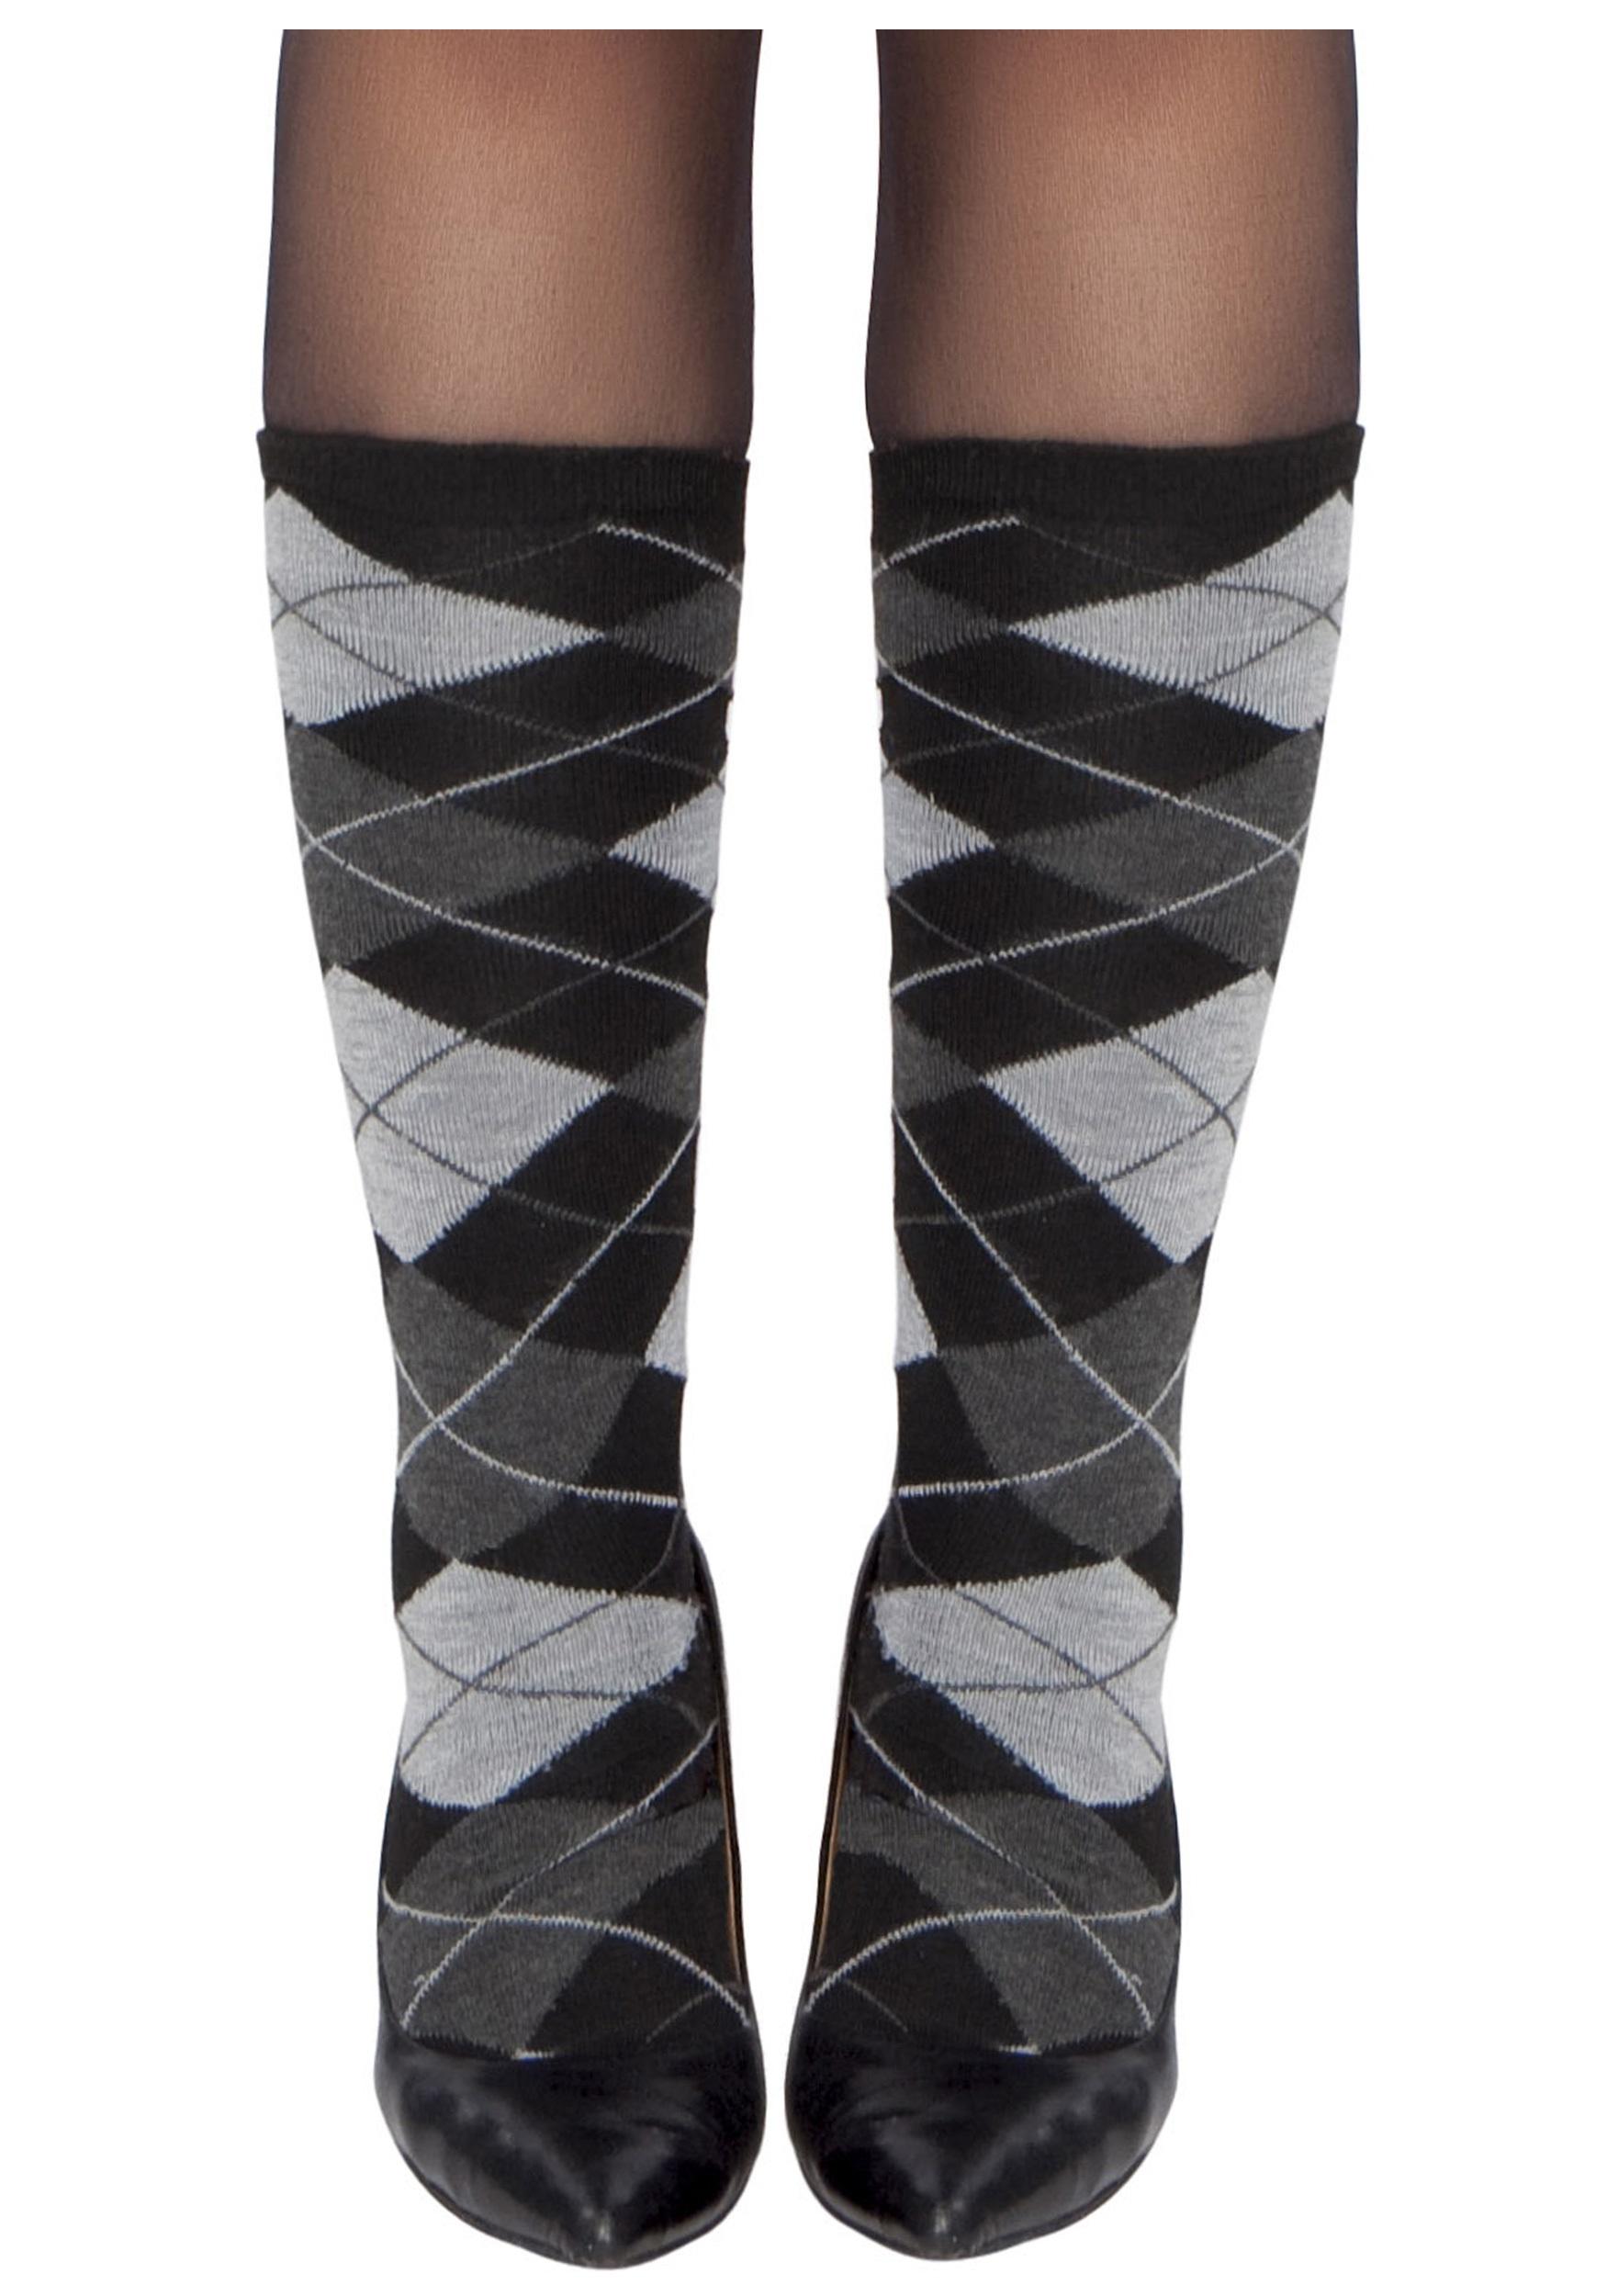 Woman's Argyle Stockings